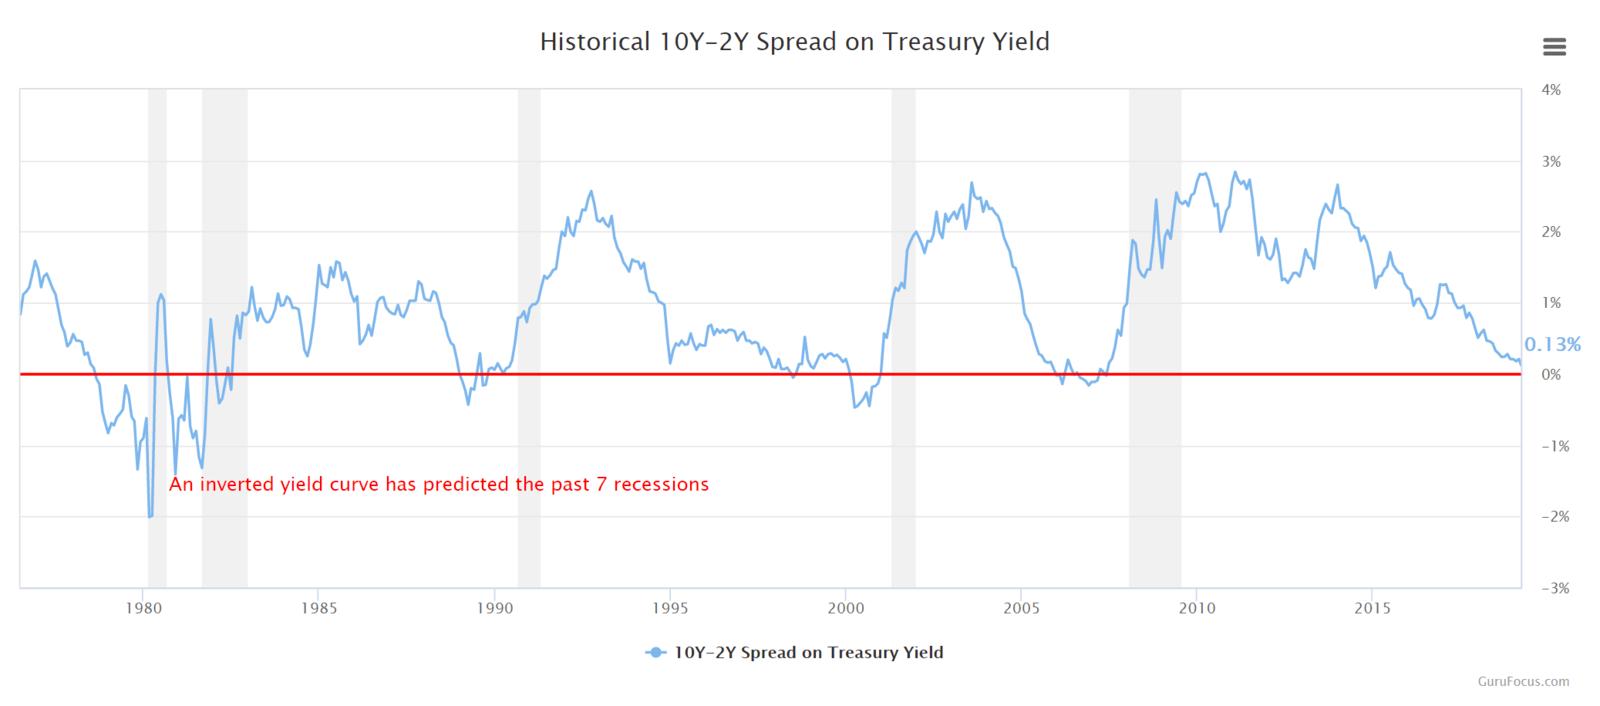 Omgekeerde rentecurve - Inverse yield curve